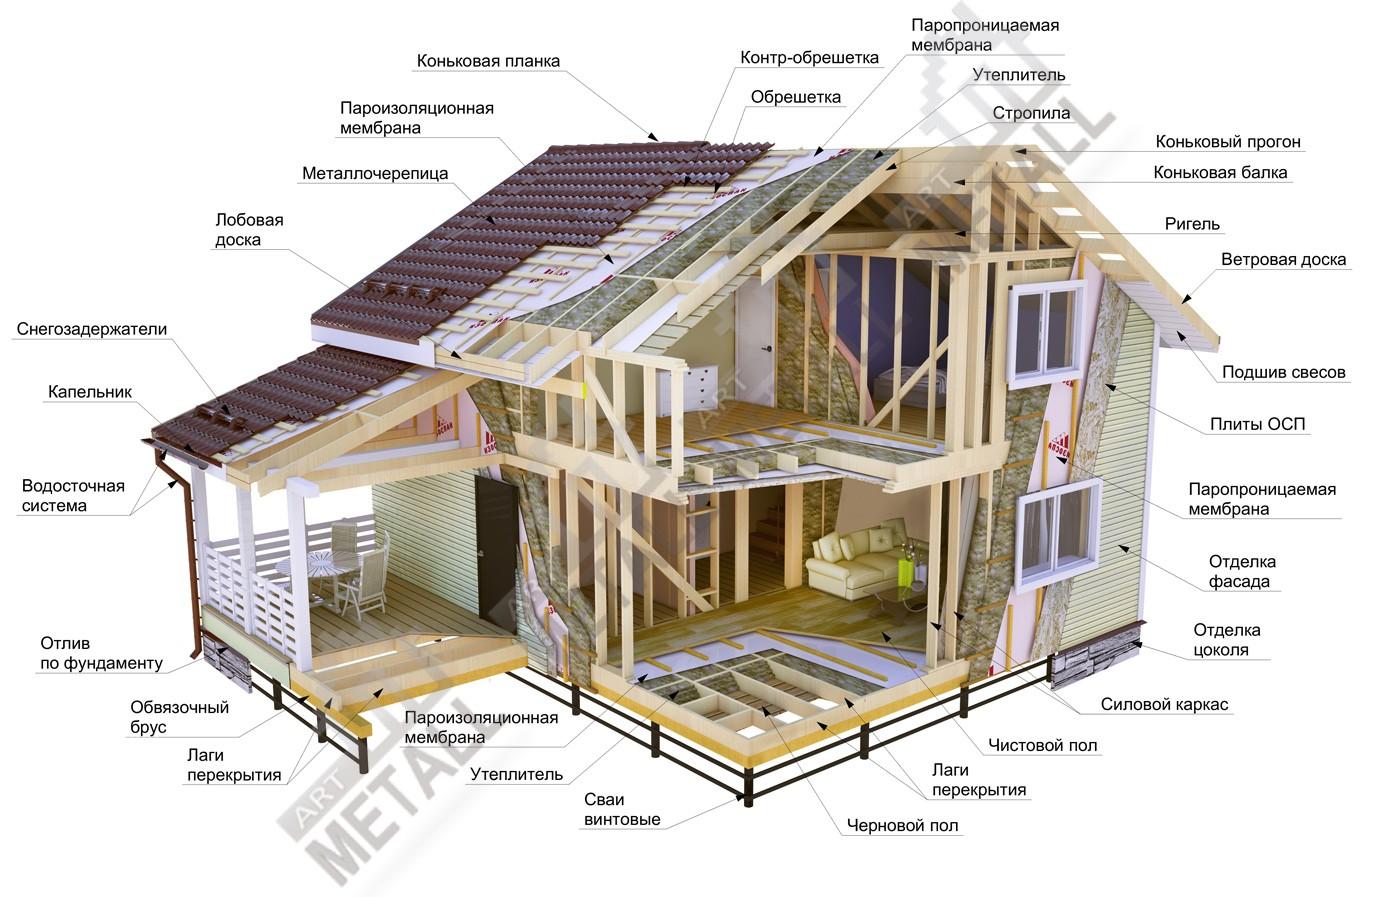 Характеристика каркасных домов по немецкой технологии